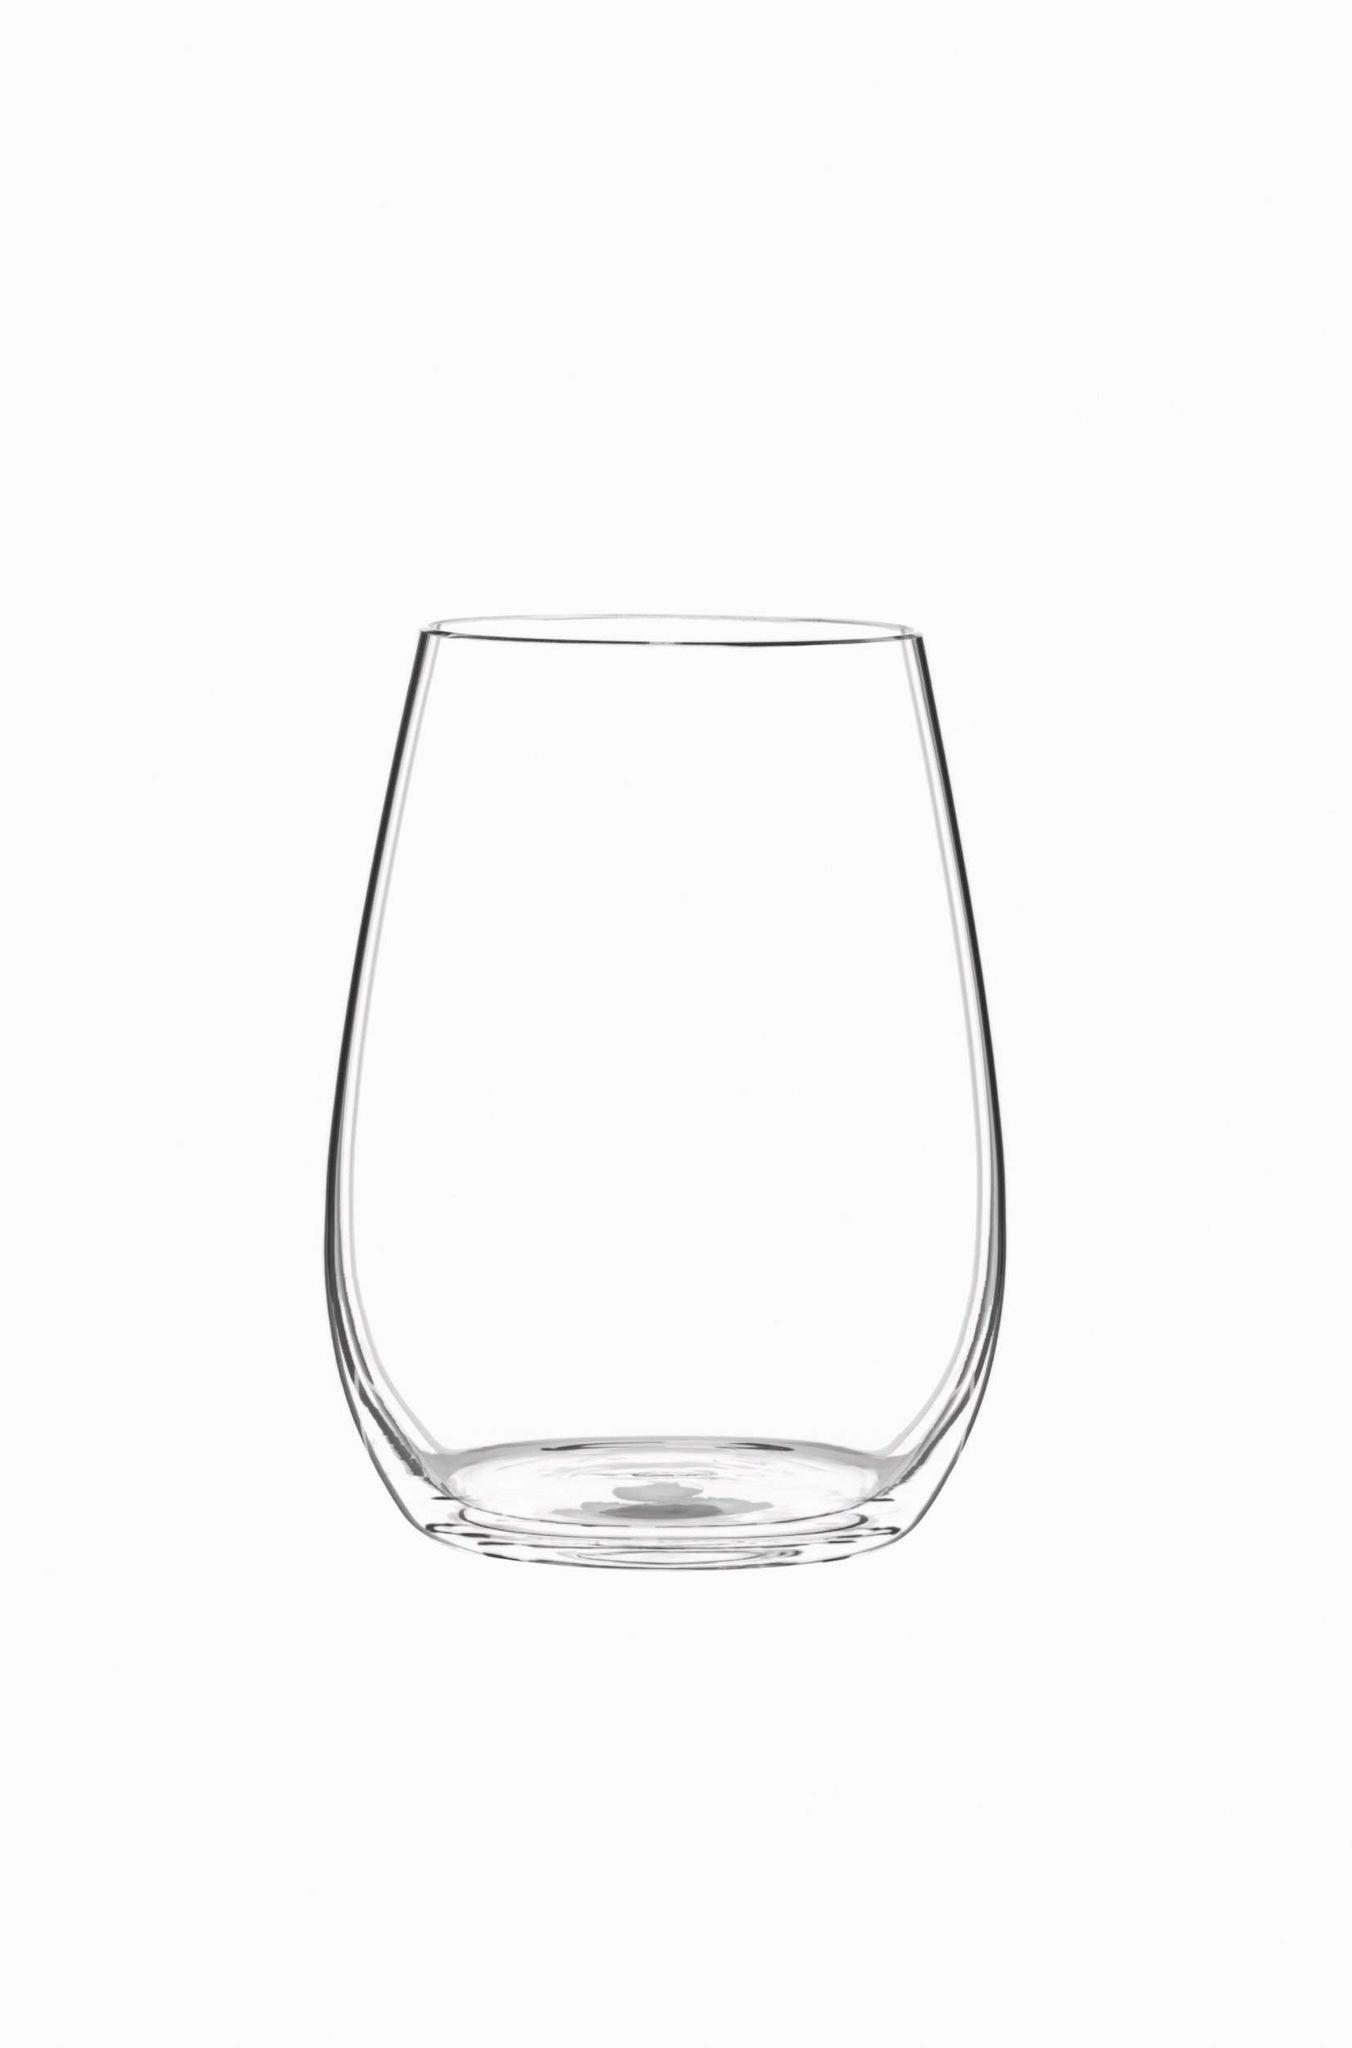 Набор из 2-х бокалов для крепких напитков Riedel O Spirits, 230 мл набор из 4 х бокалов для крепких напитков stemmed spirit vivendi premium 109 мл